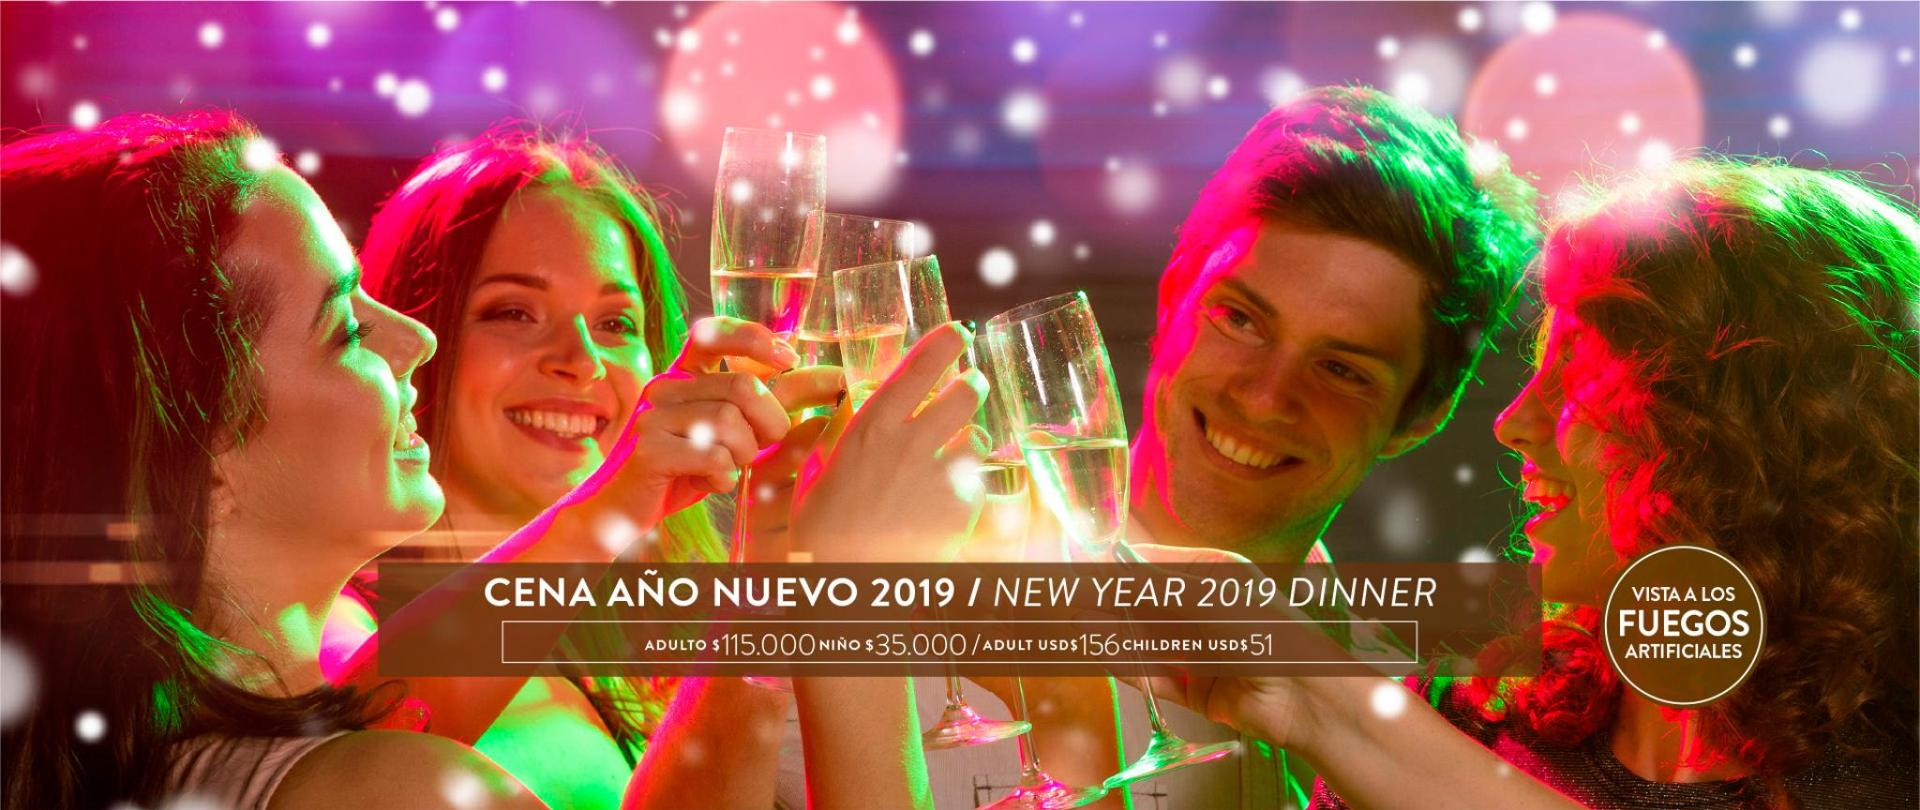 Cena año nuevo banner web.jpg